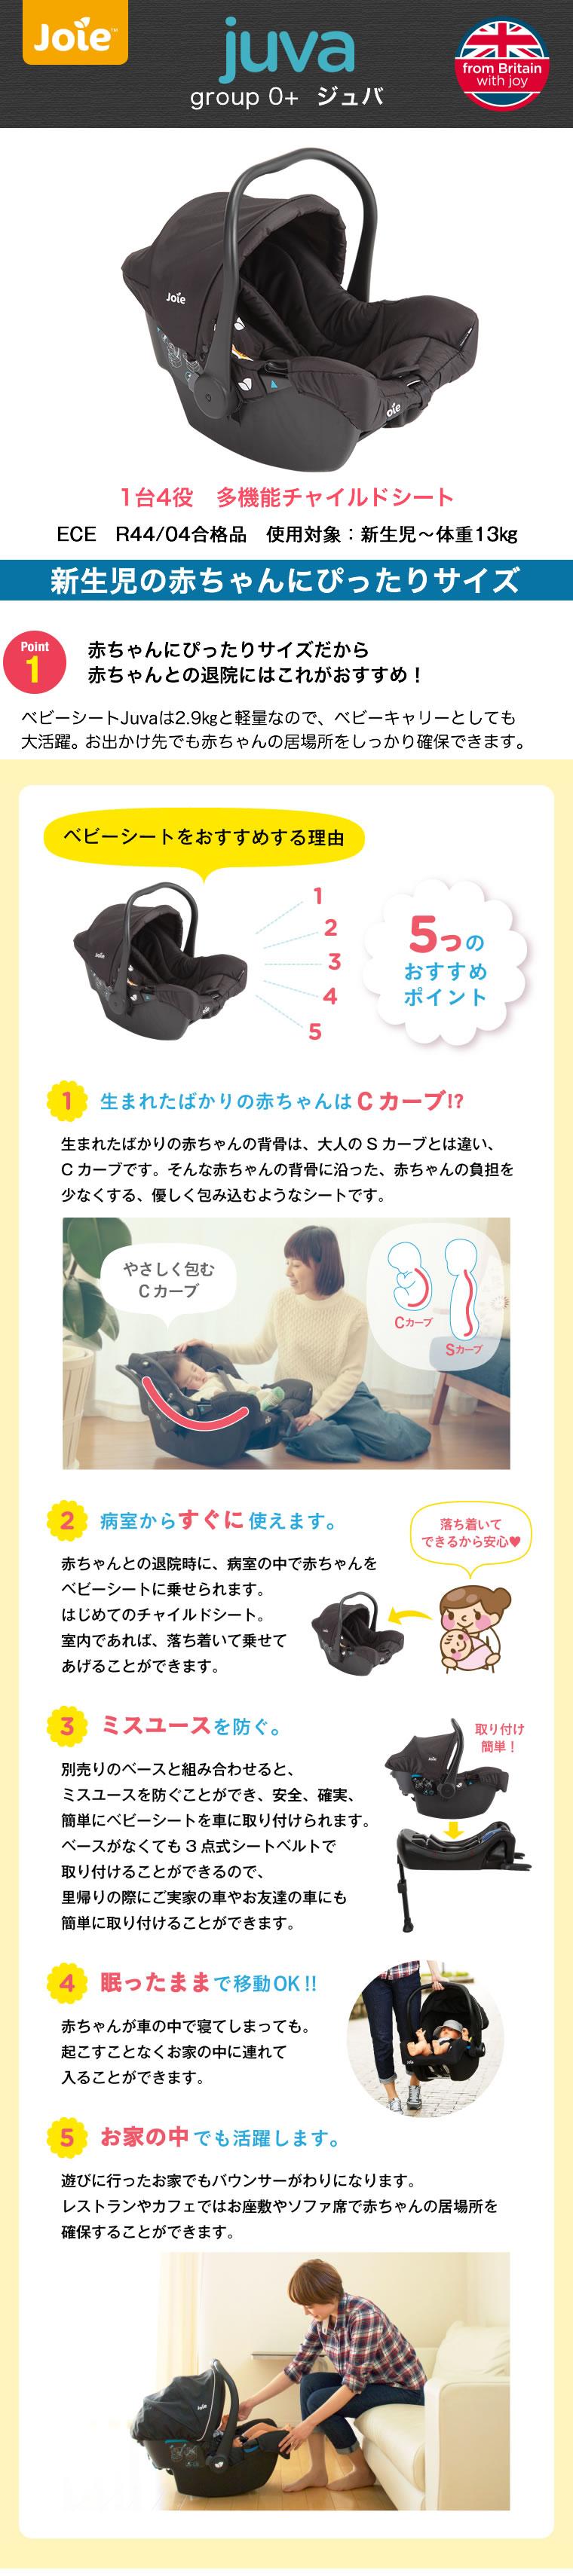 0から1歳まで使える赤ちゃん専用チャイルドシート